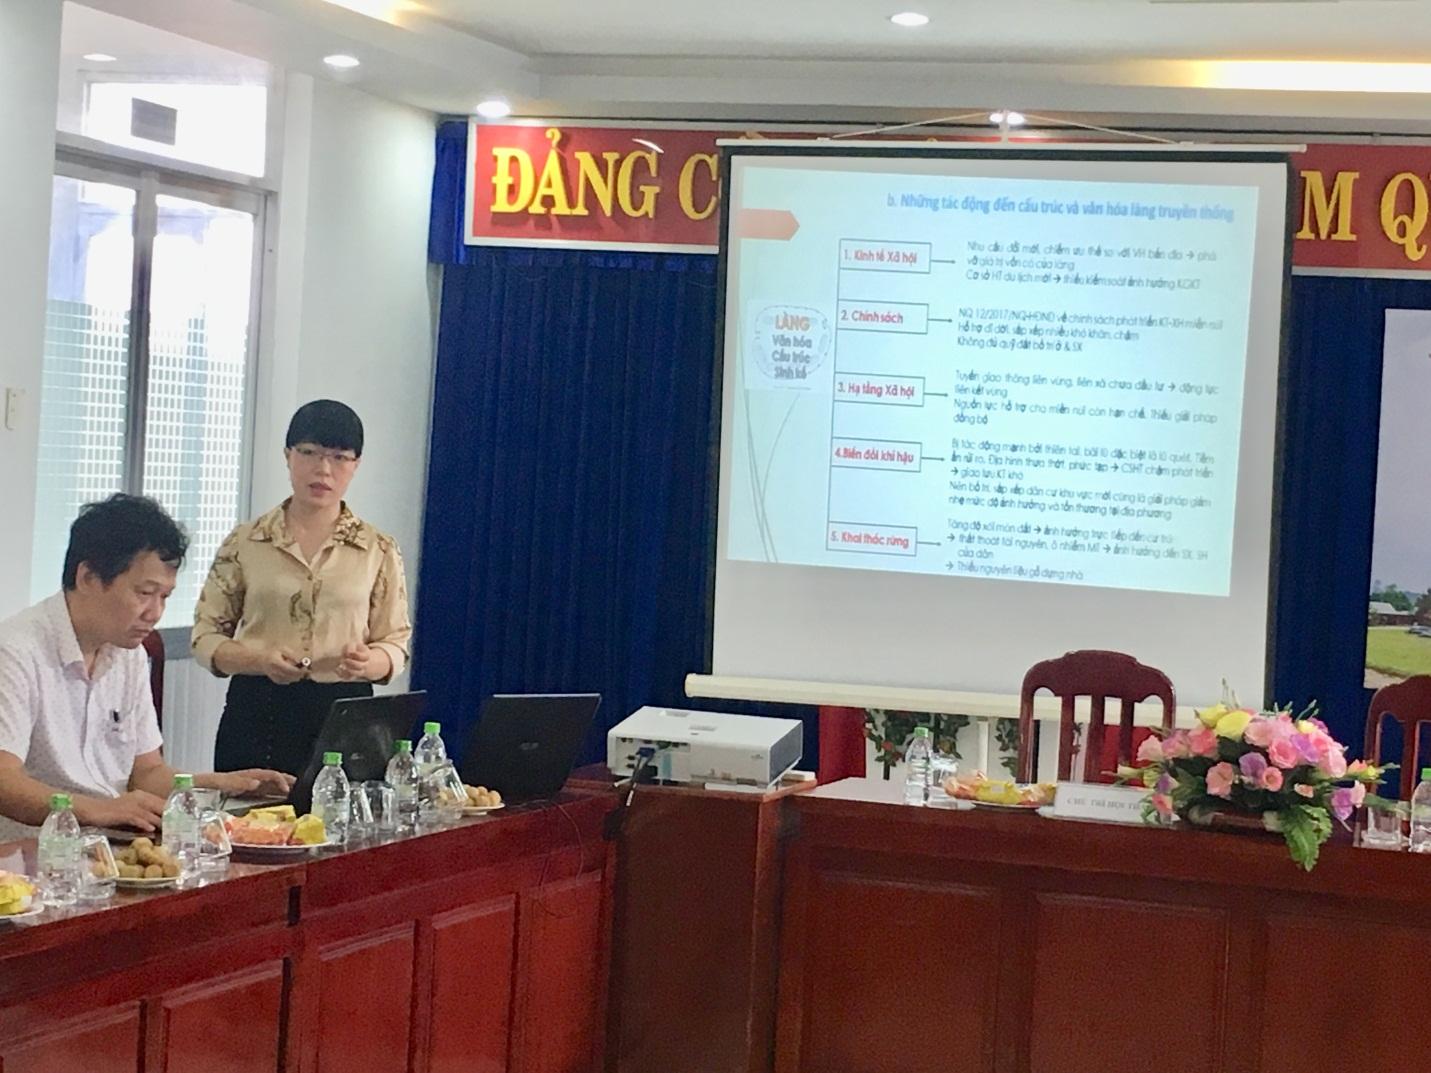 TS Tạ Hoàng Vân phát biểu tại Hội thảo TS Tạ Hoàng Vân phát biểu tại Hội thảo